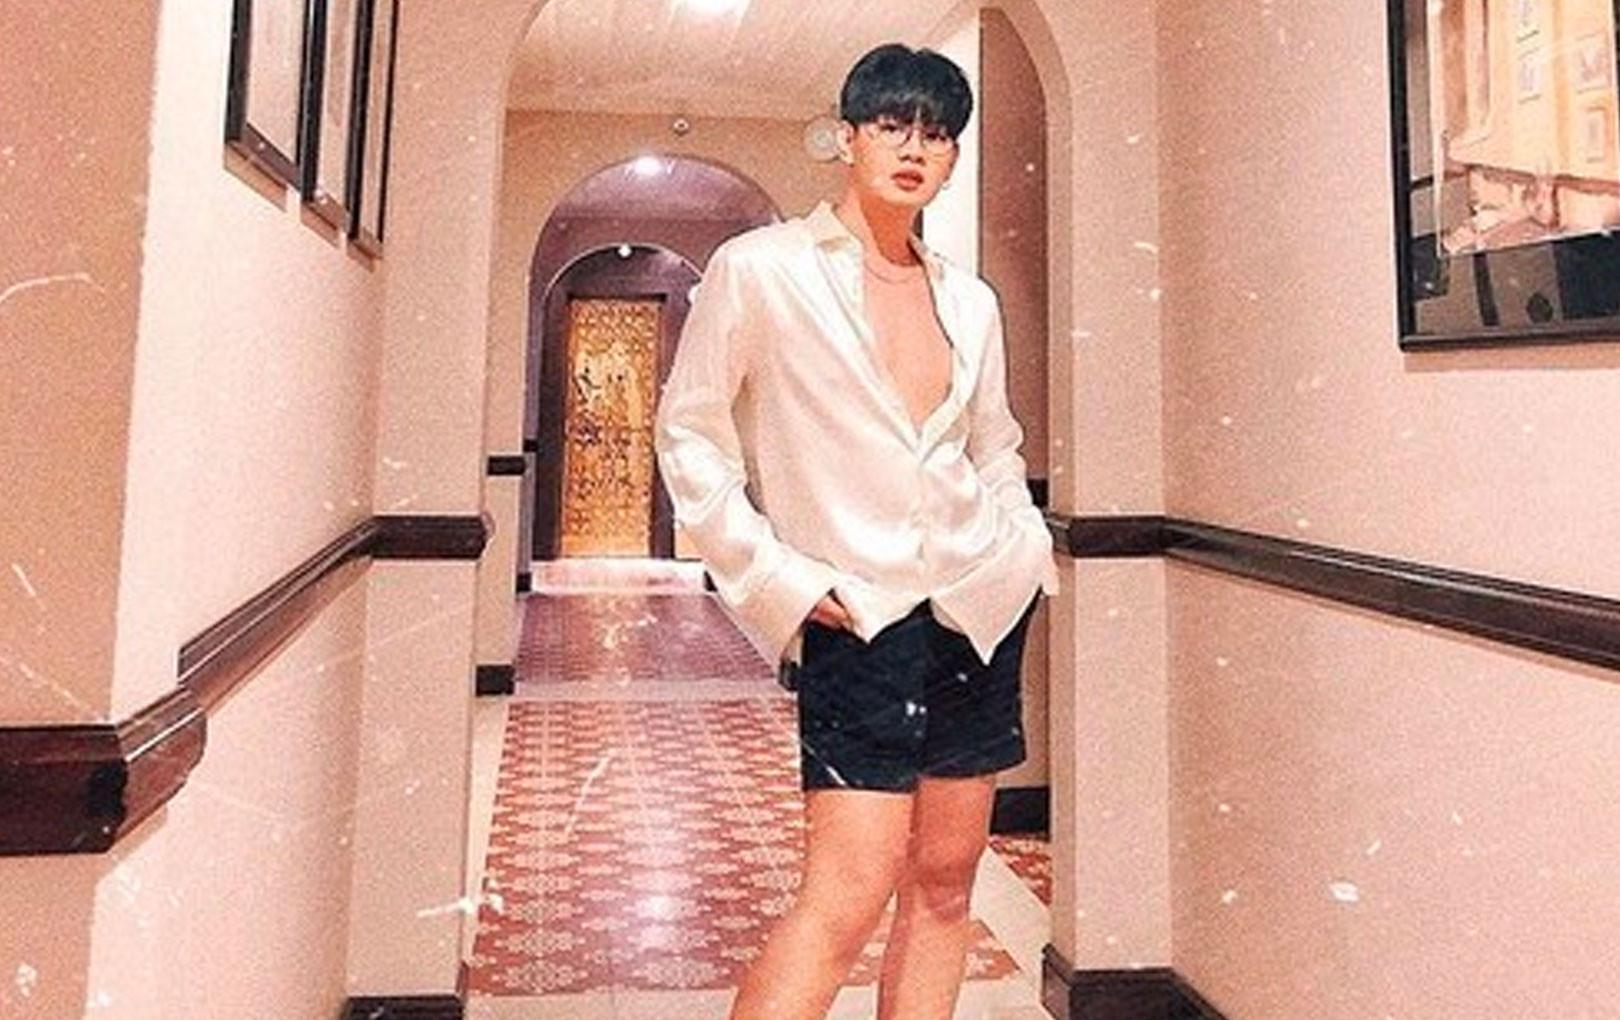 """Trước khi lột xác gợi cảm thành """"Hoa hậu Quận 10"""", Đào Bá Lộc từ một chàng trai với thân hình """"nhẹ tựa lông hồng"""" khó tin"""